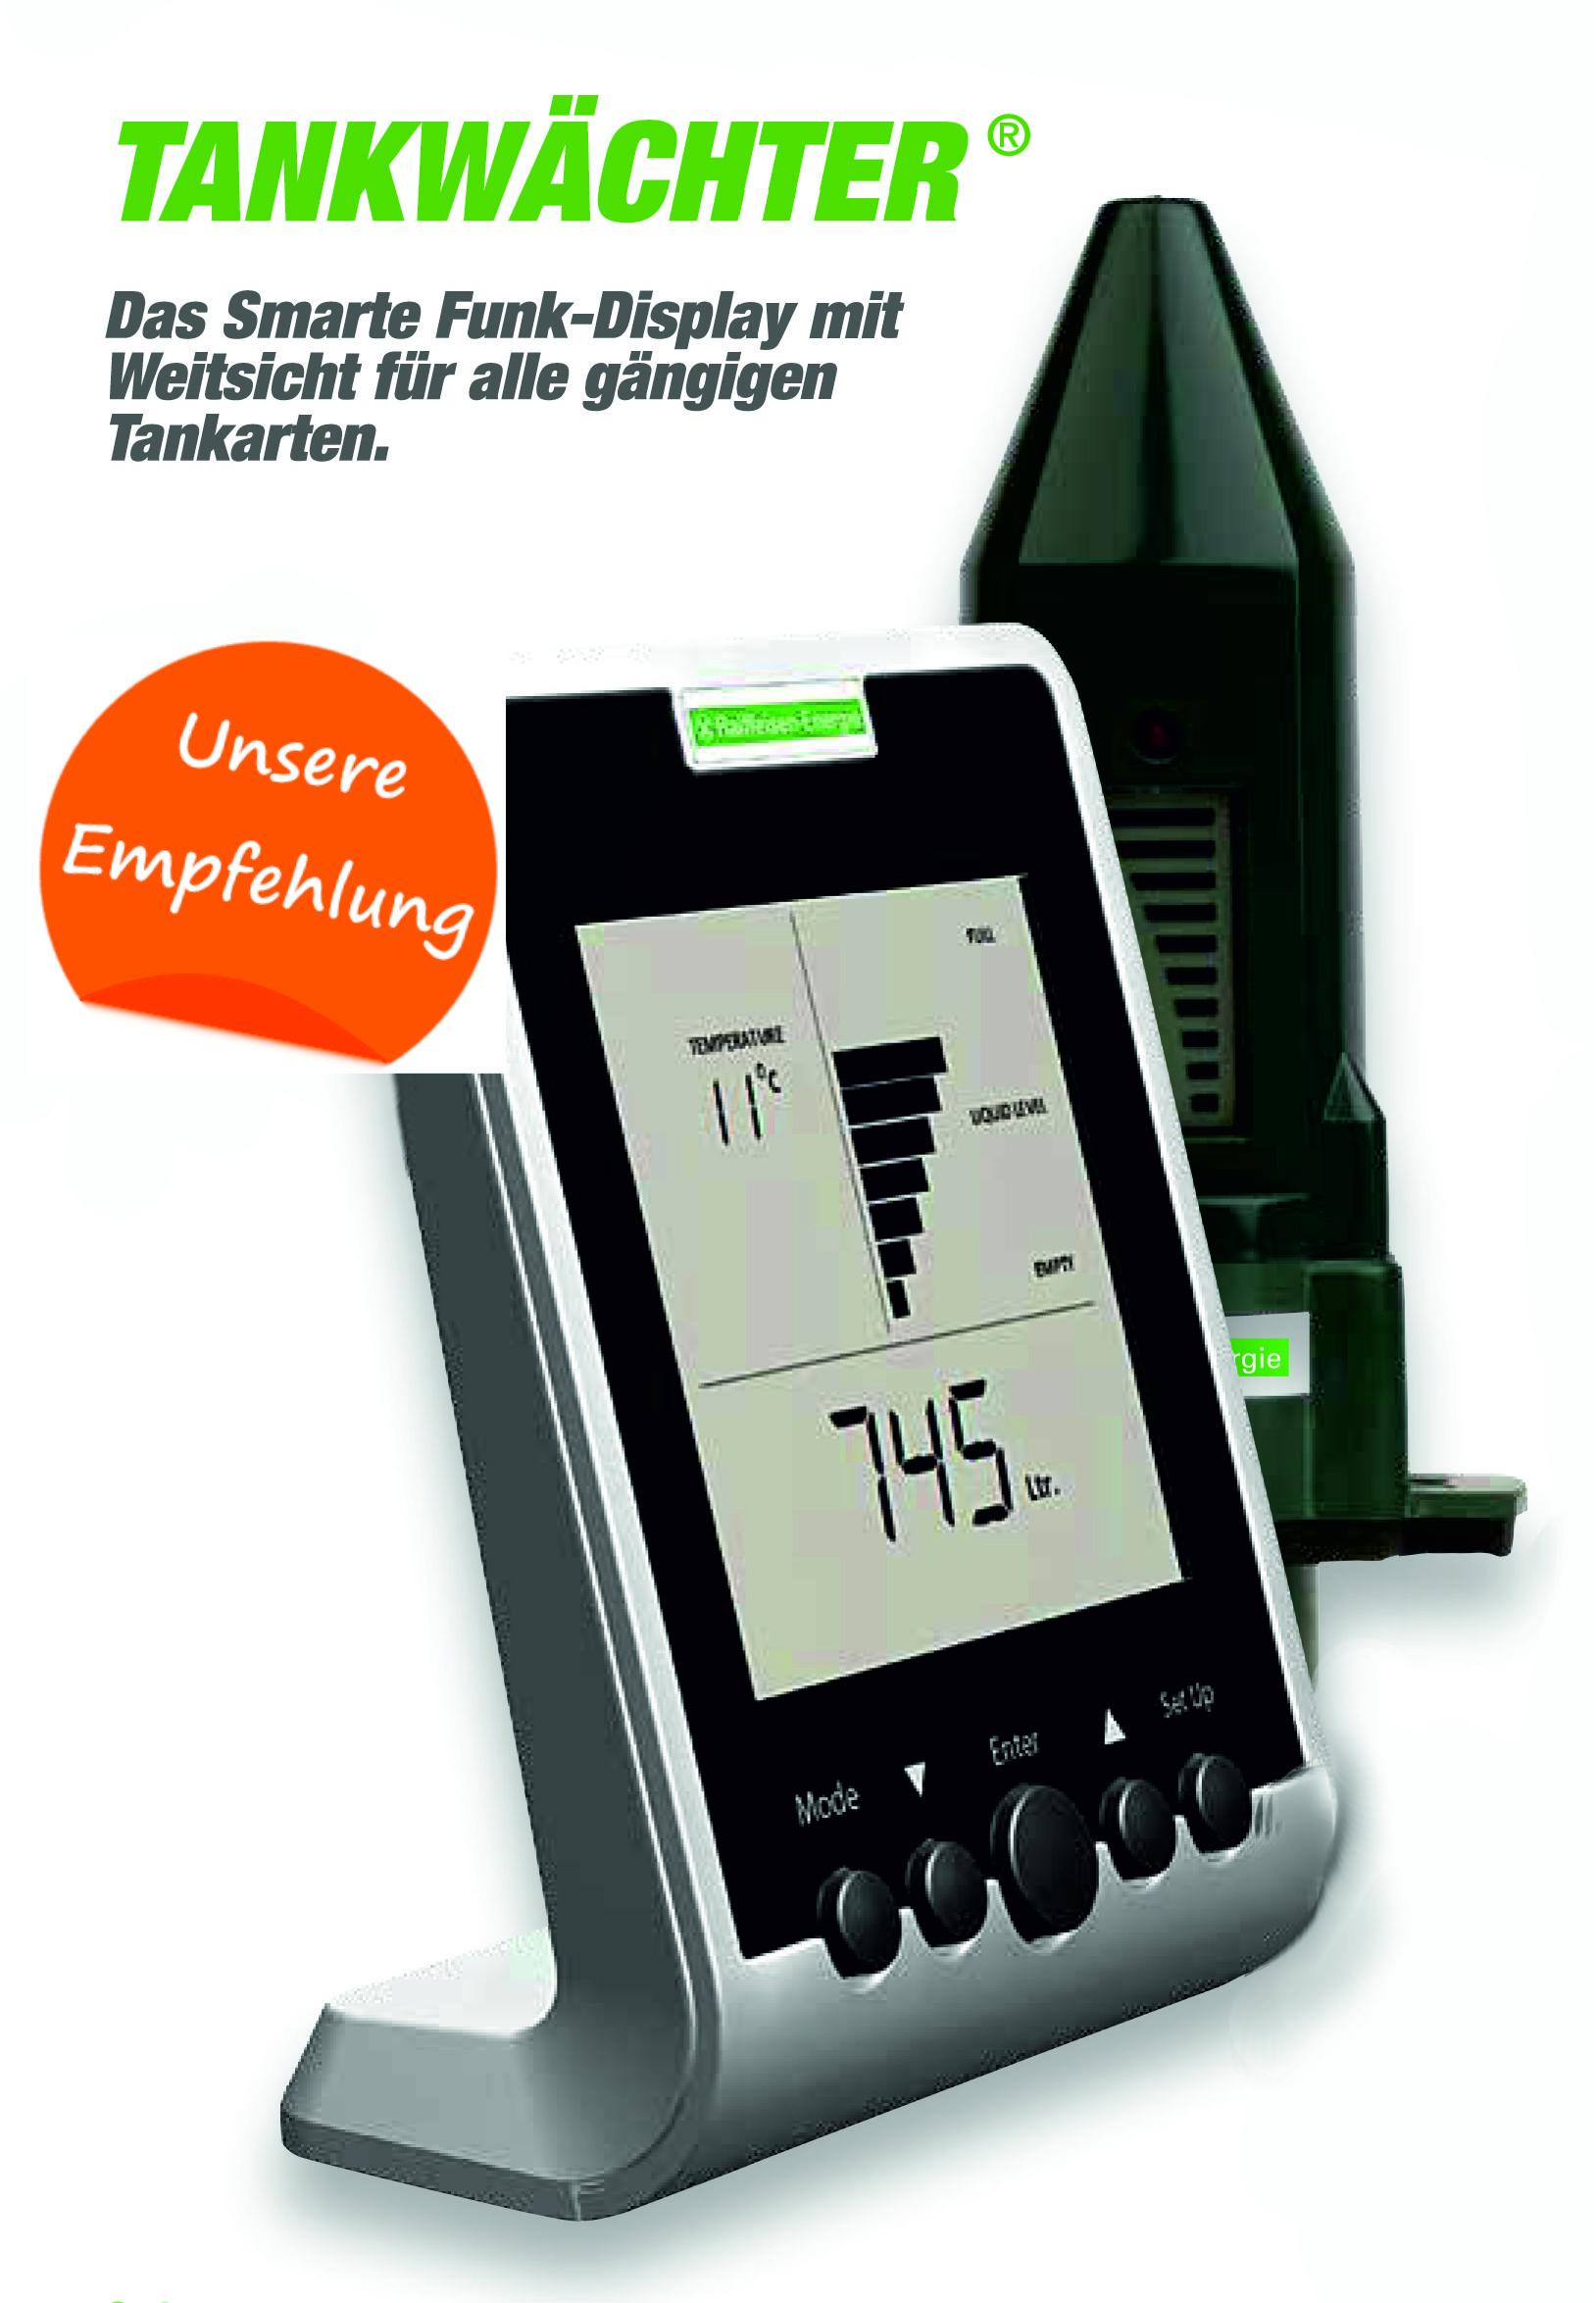 Energie/Tankwaechter.jpg